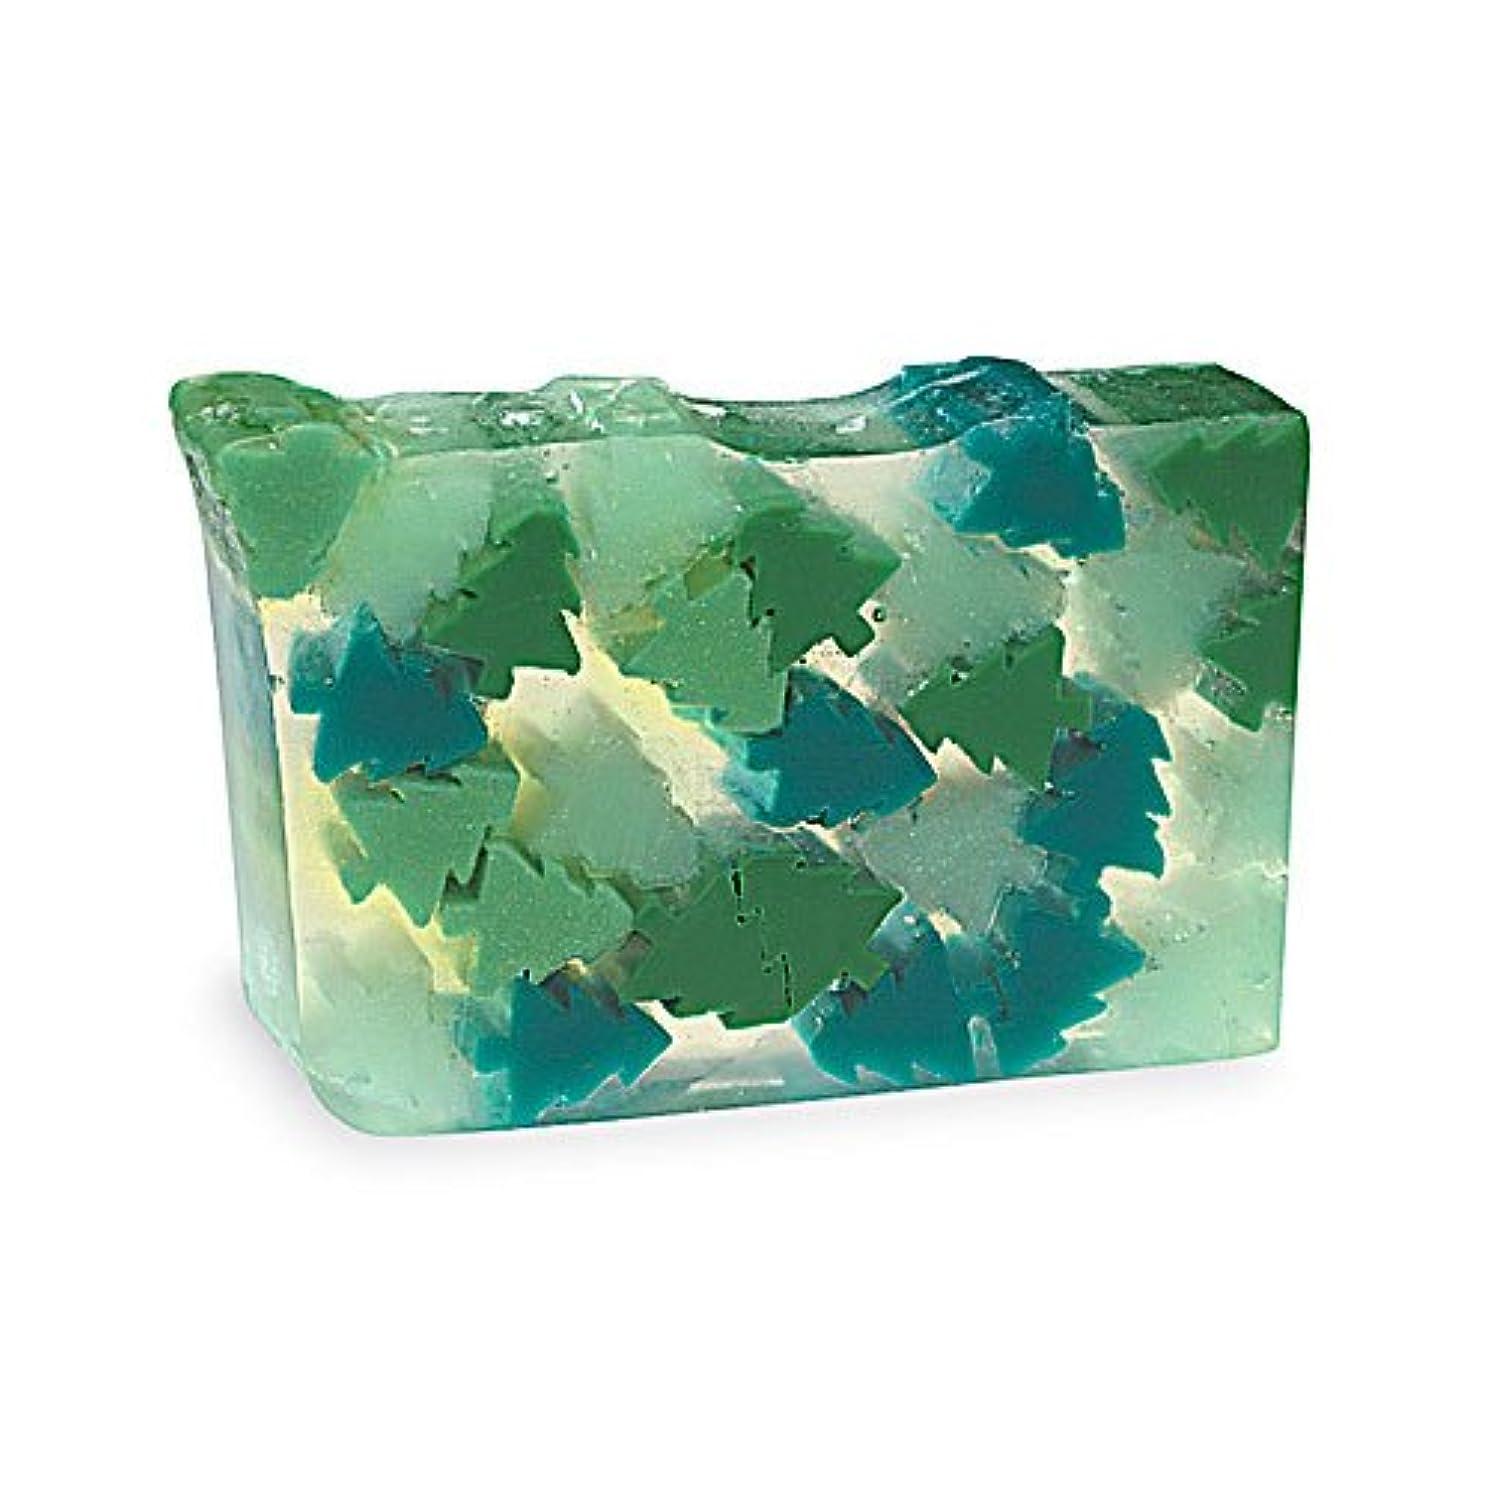 プライモールエレメンツ アロマティック ソープ エバーグリーンツイスト 180g 植物性 ナチュラル 石鹸 無添加